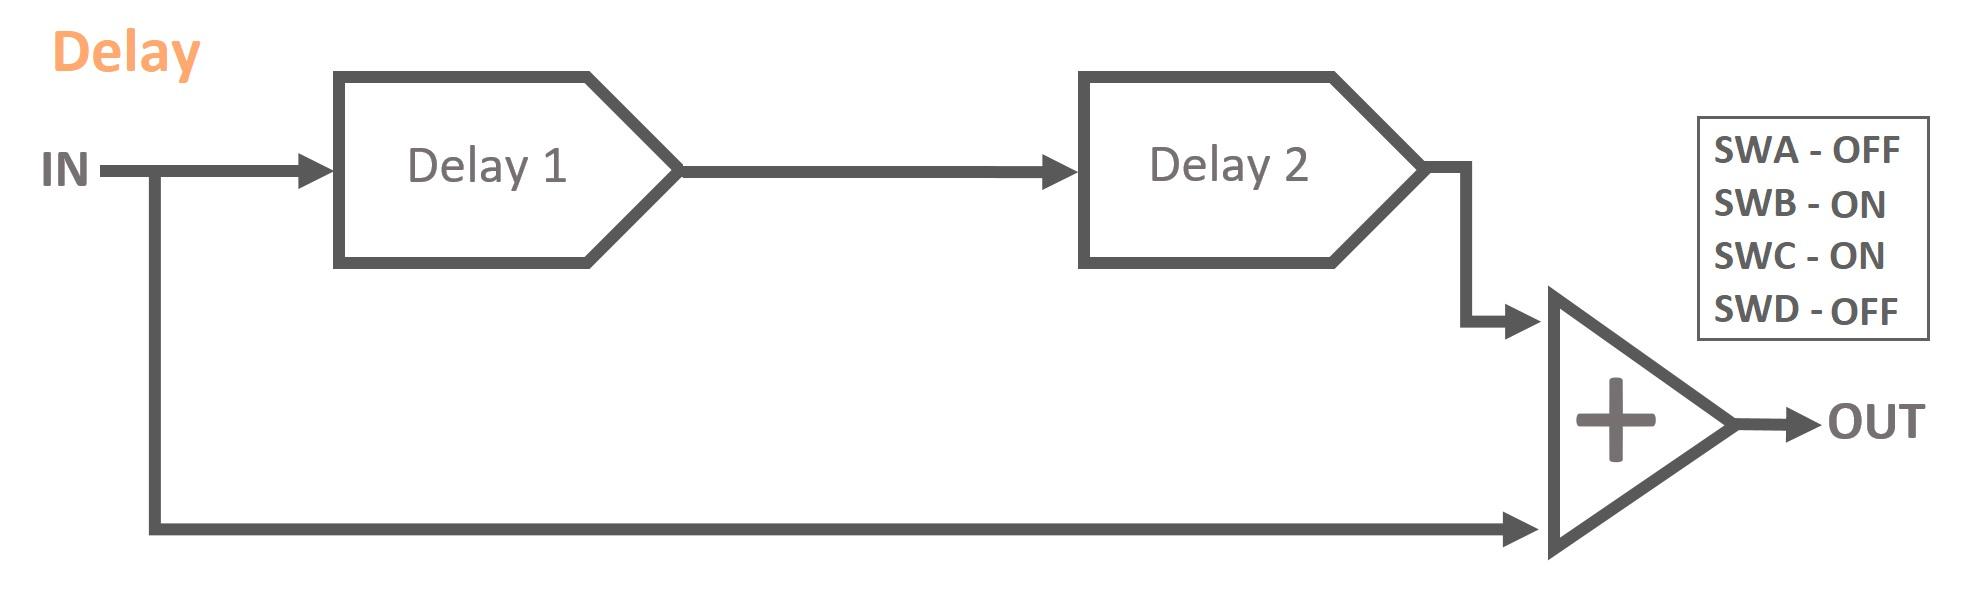 delay_2019-01-25-2.jpg